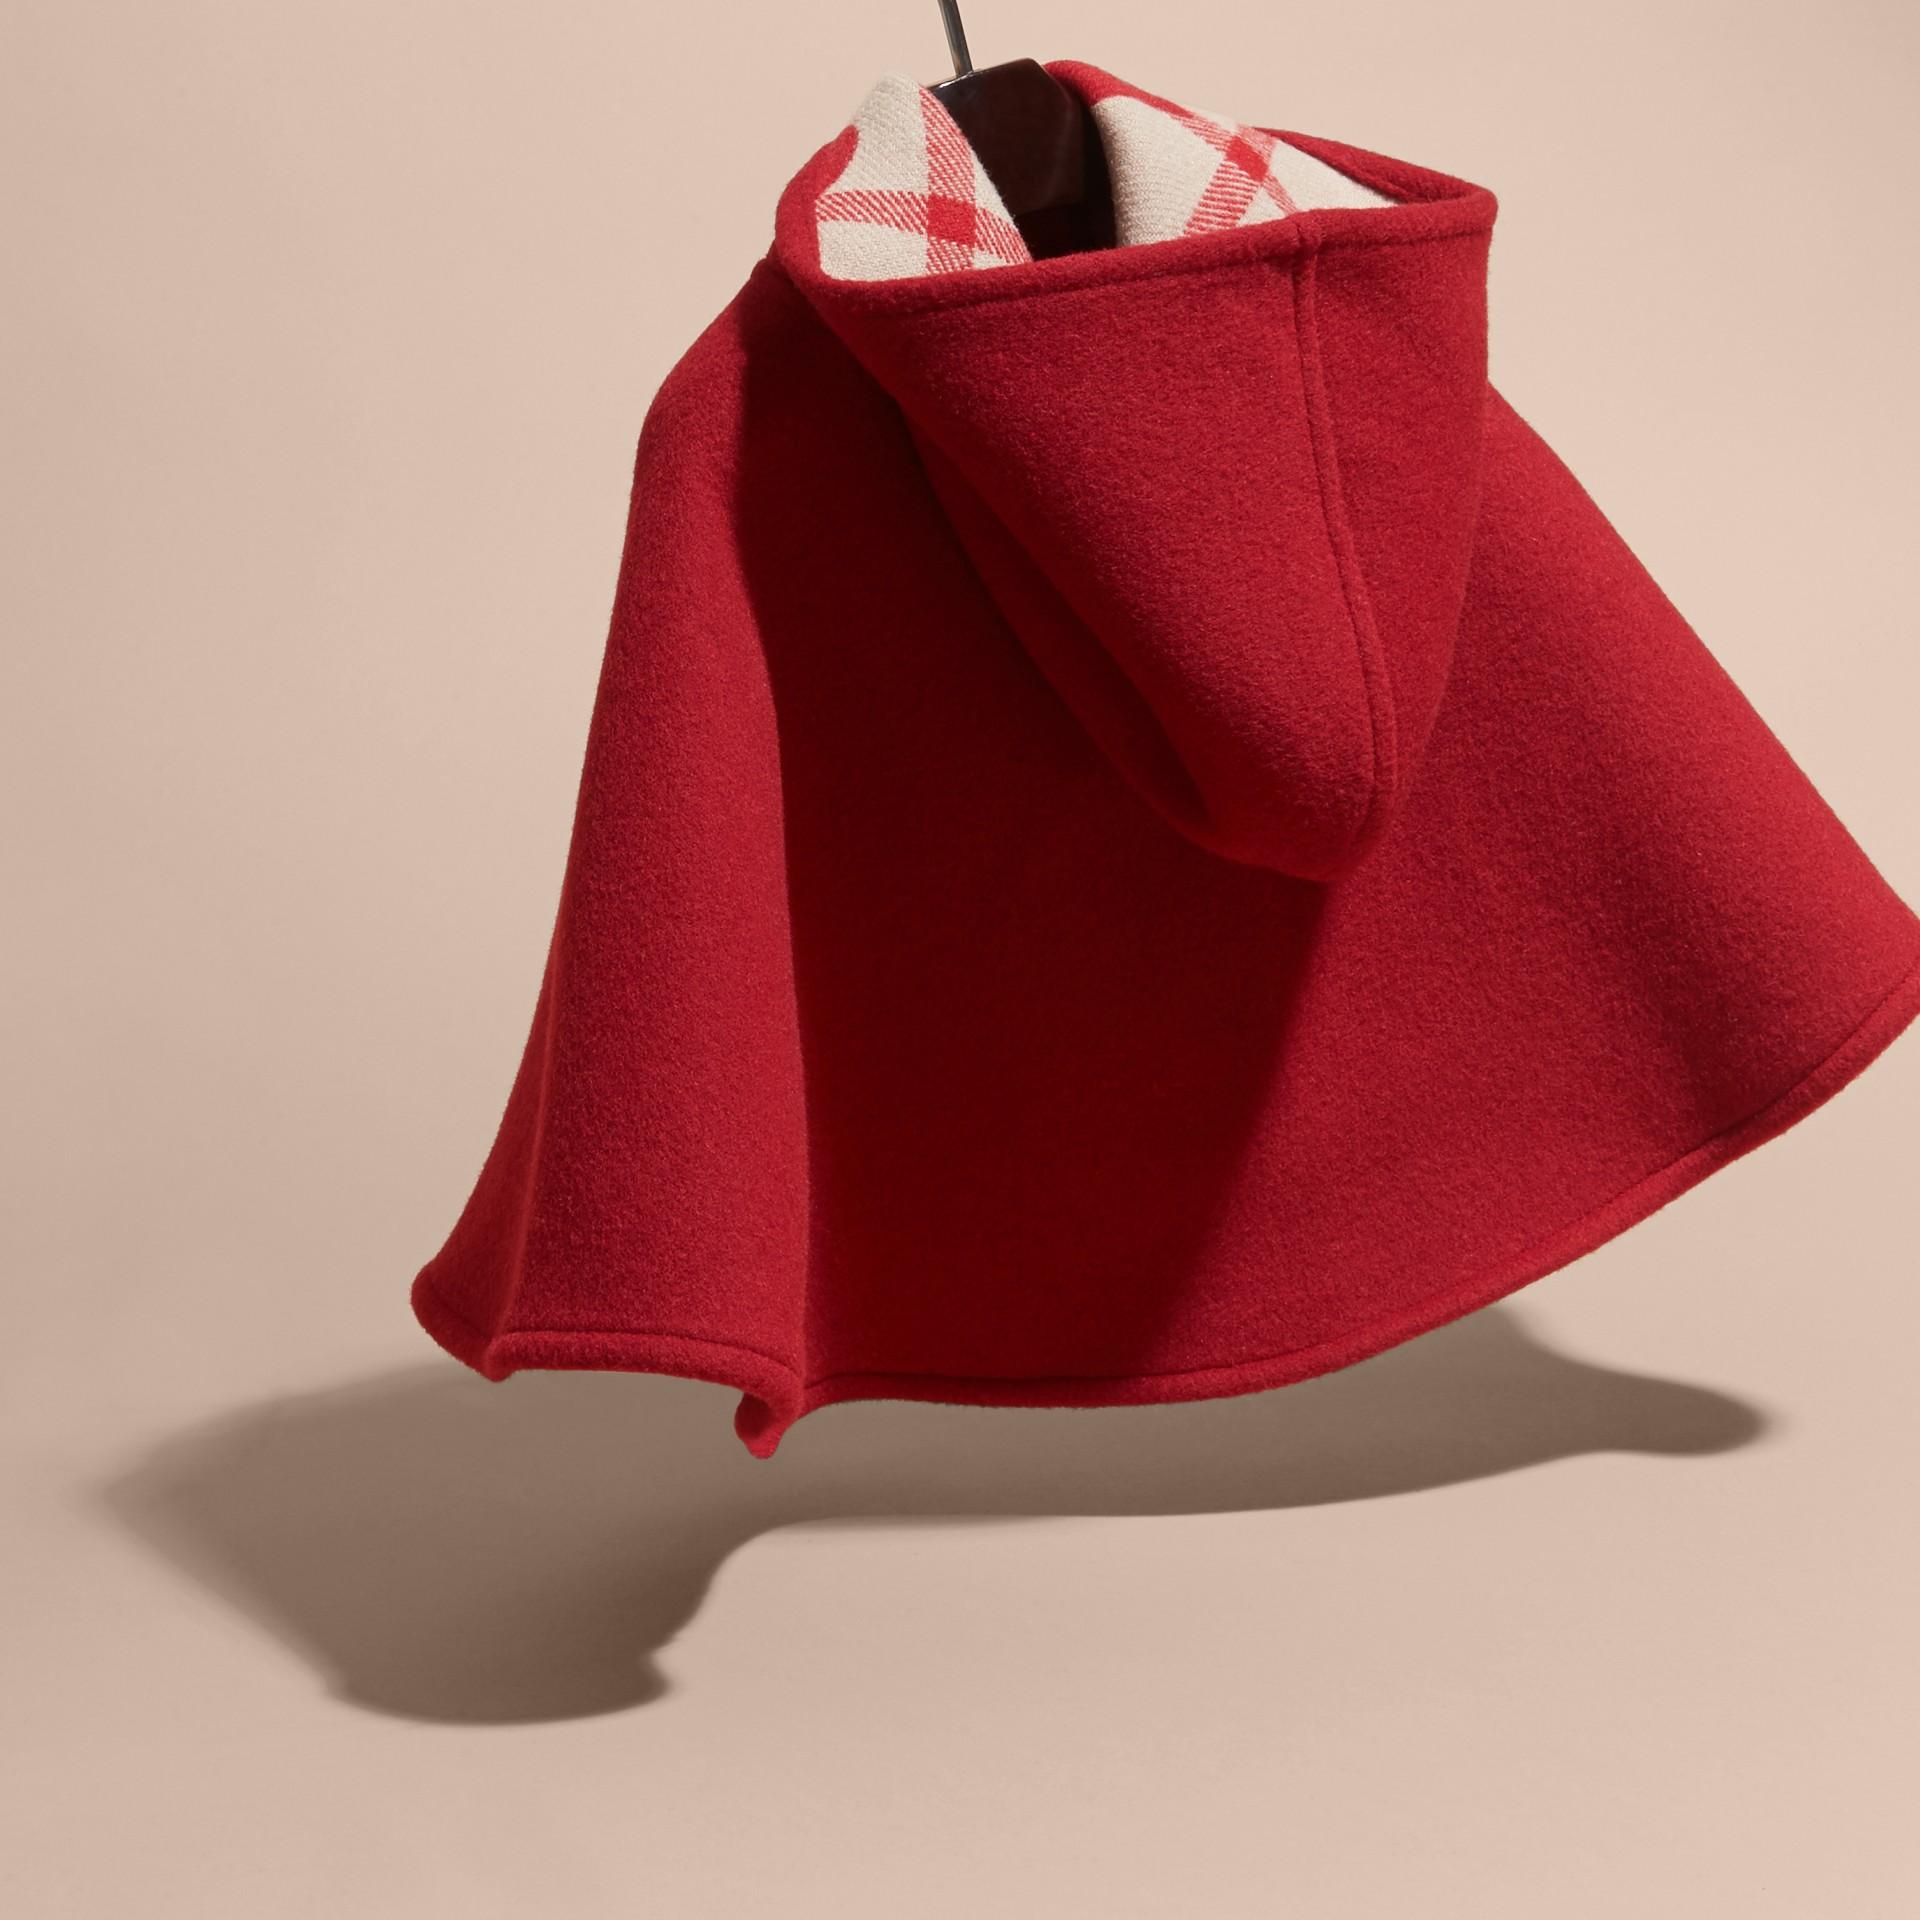 Rosso windsor Mantella svasata in lana con cappuccio Rosso Windsor - immagine della galleria 4